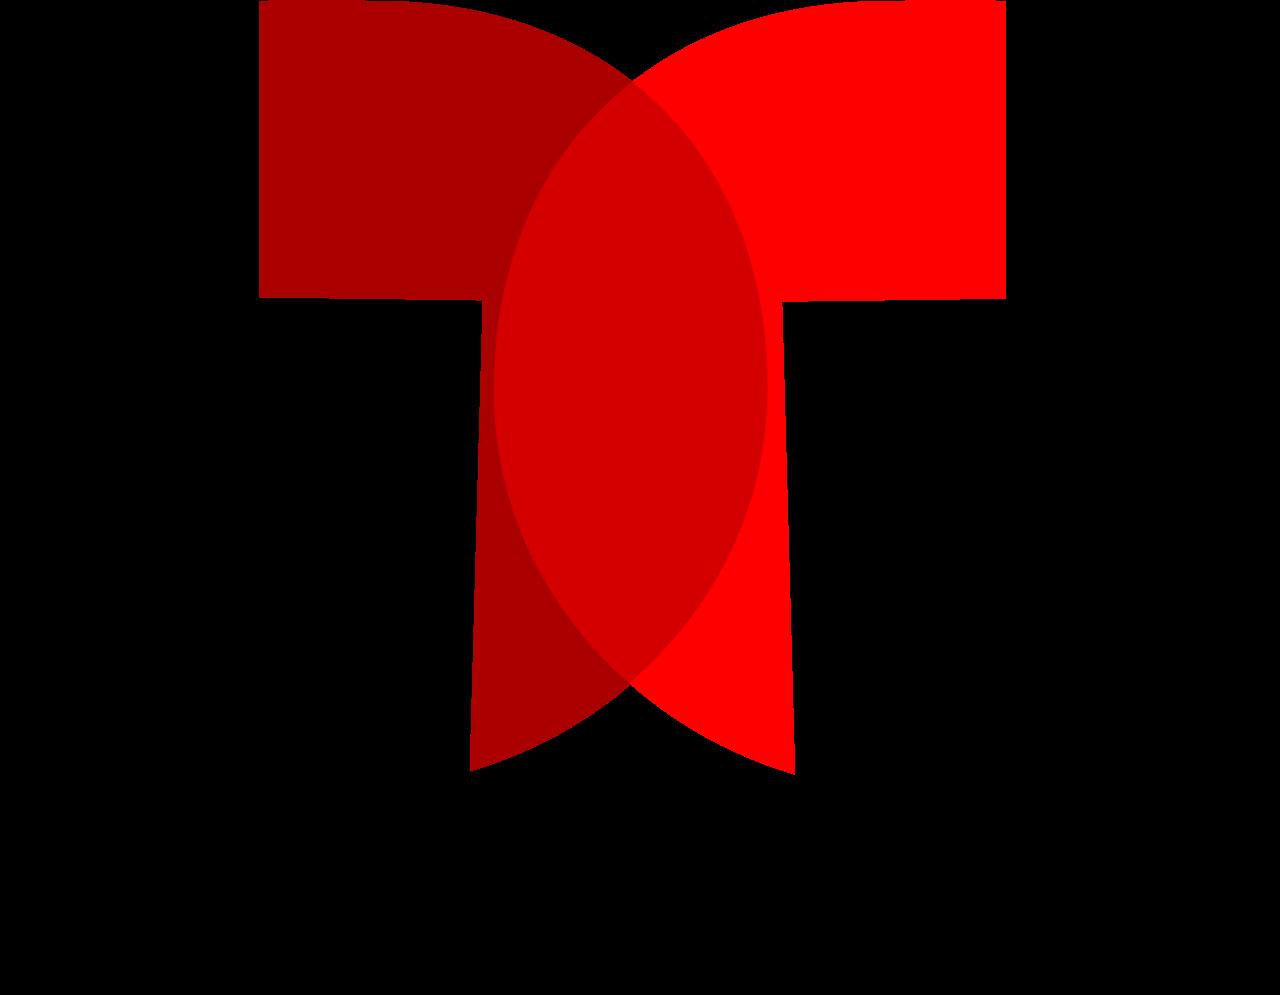 File:Telemundo logo 2012.svg.